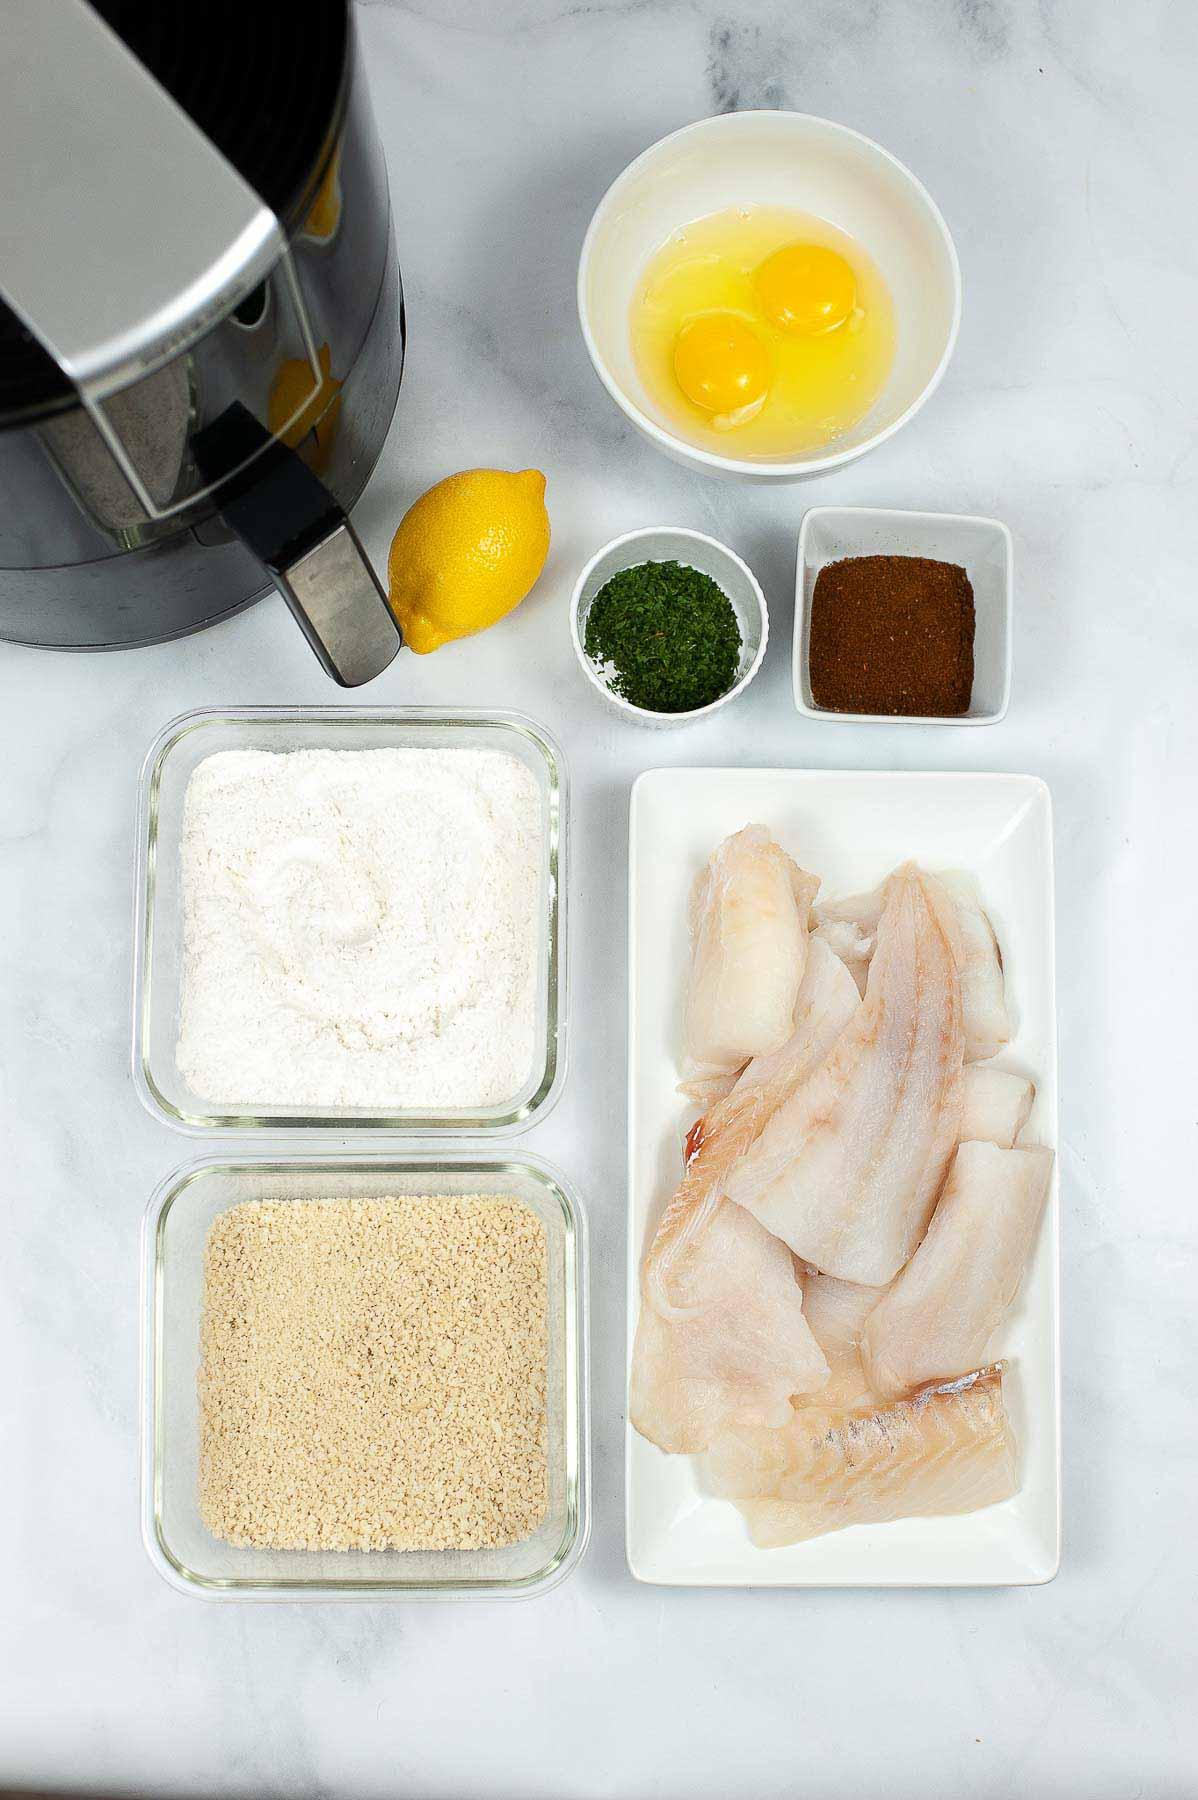 Ingredients to make air fryer fish sticks.